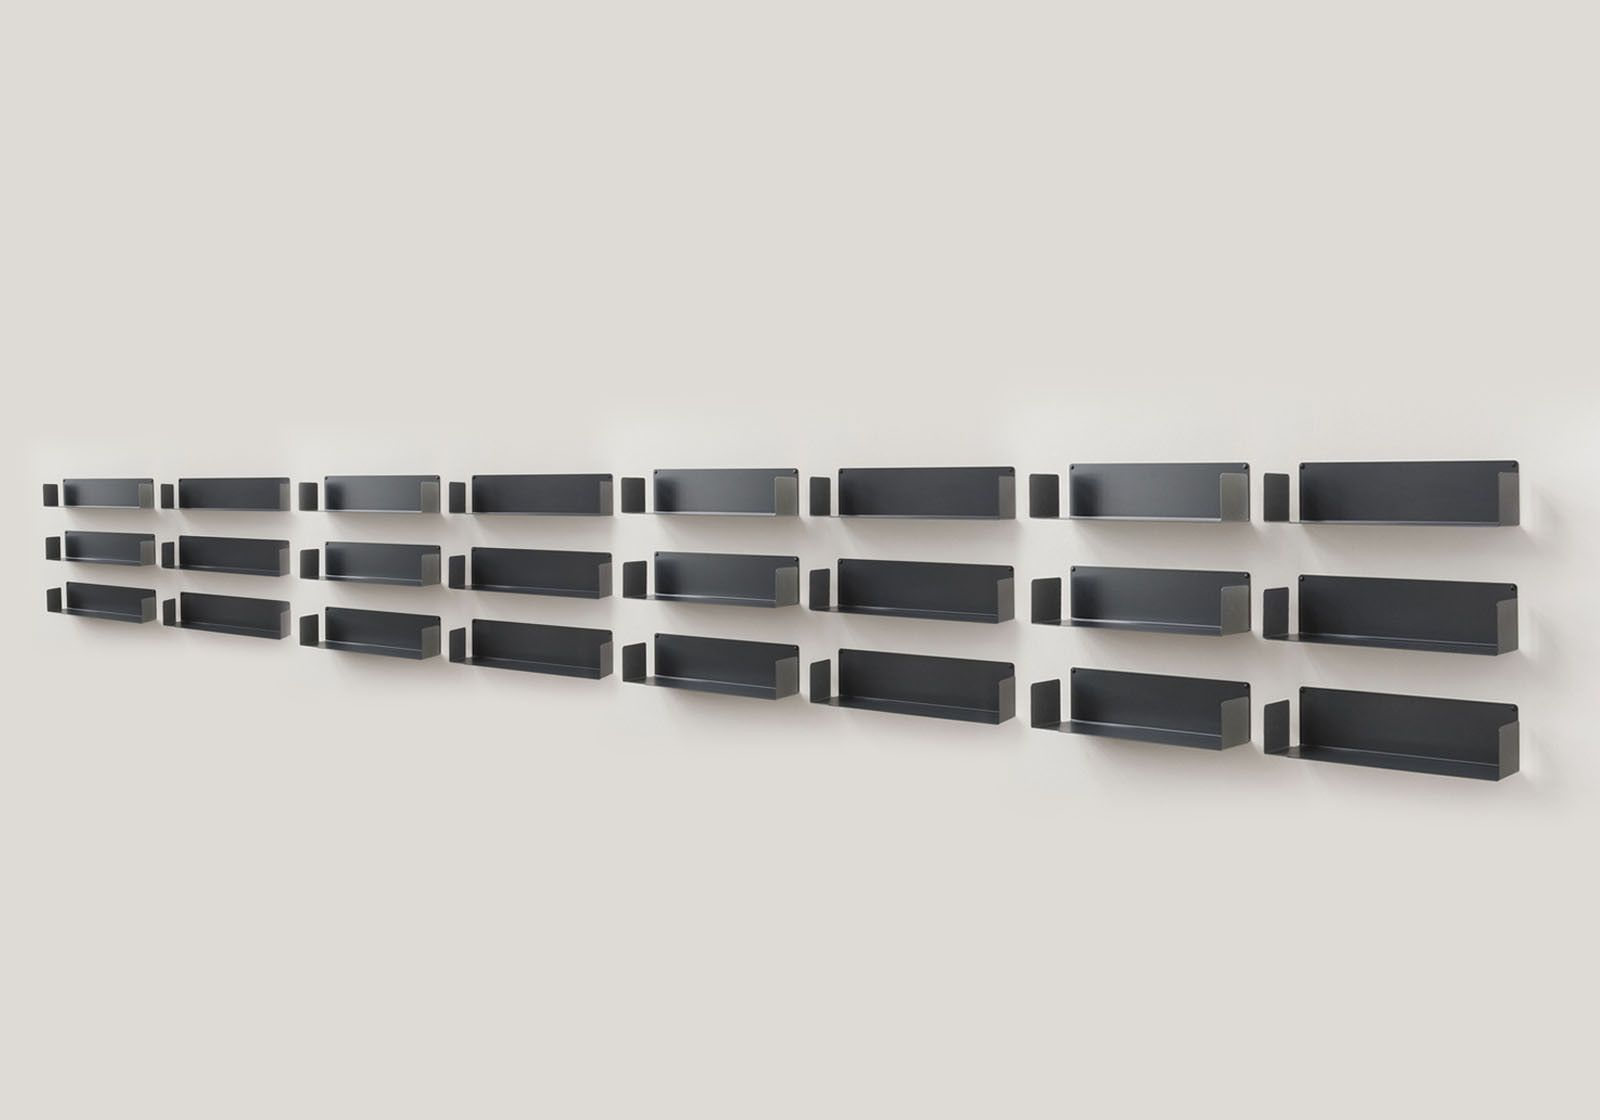 Étagère Murale - 60 x 15 cm - Lot de 18